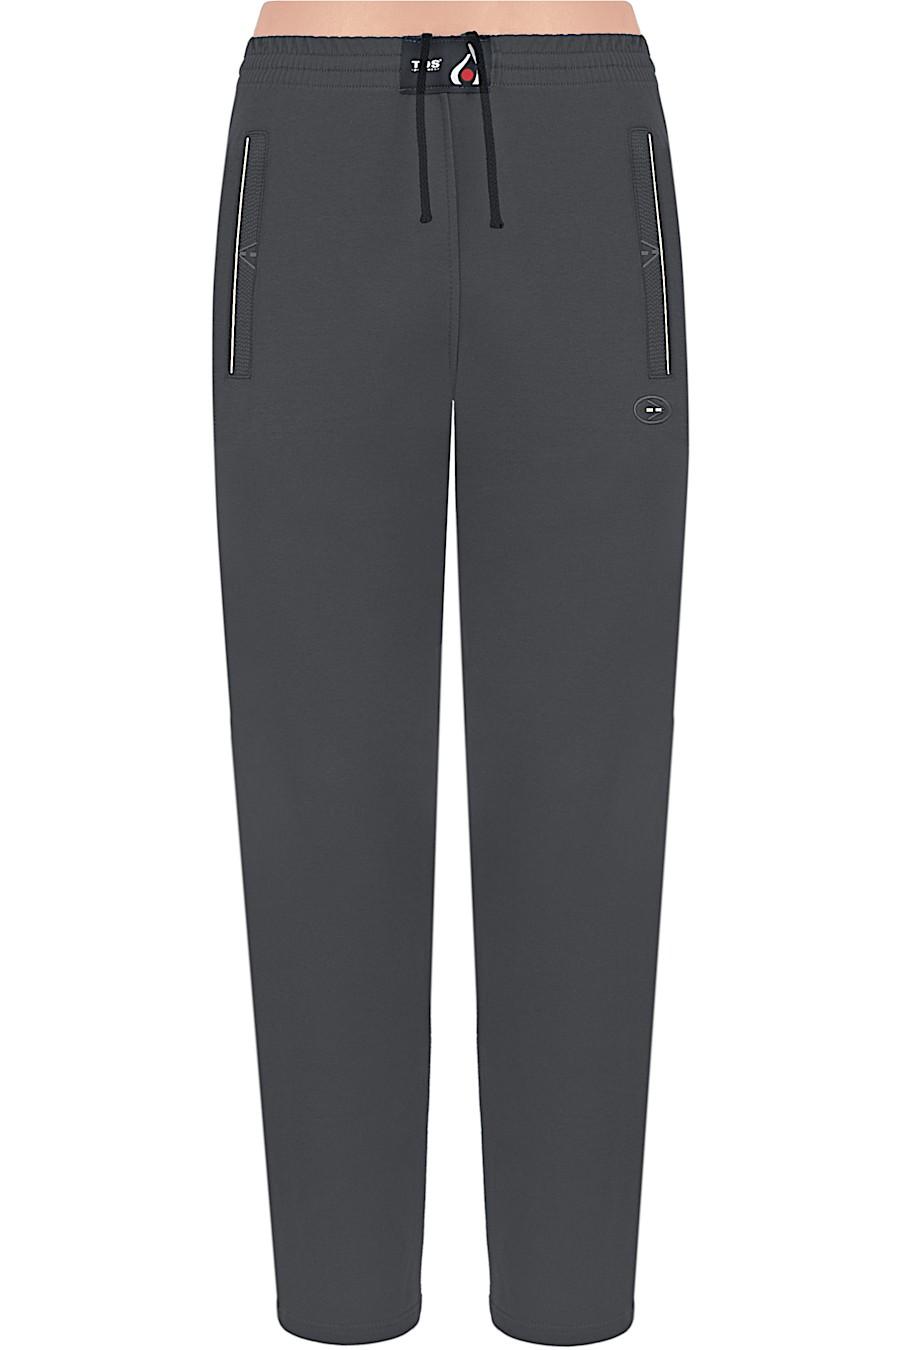 Spodnie sportowe TS 174 CLASSIC grafit